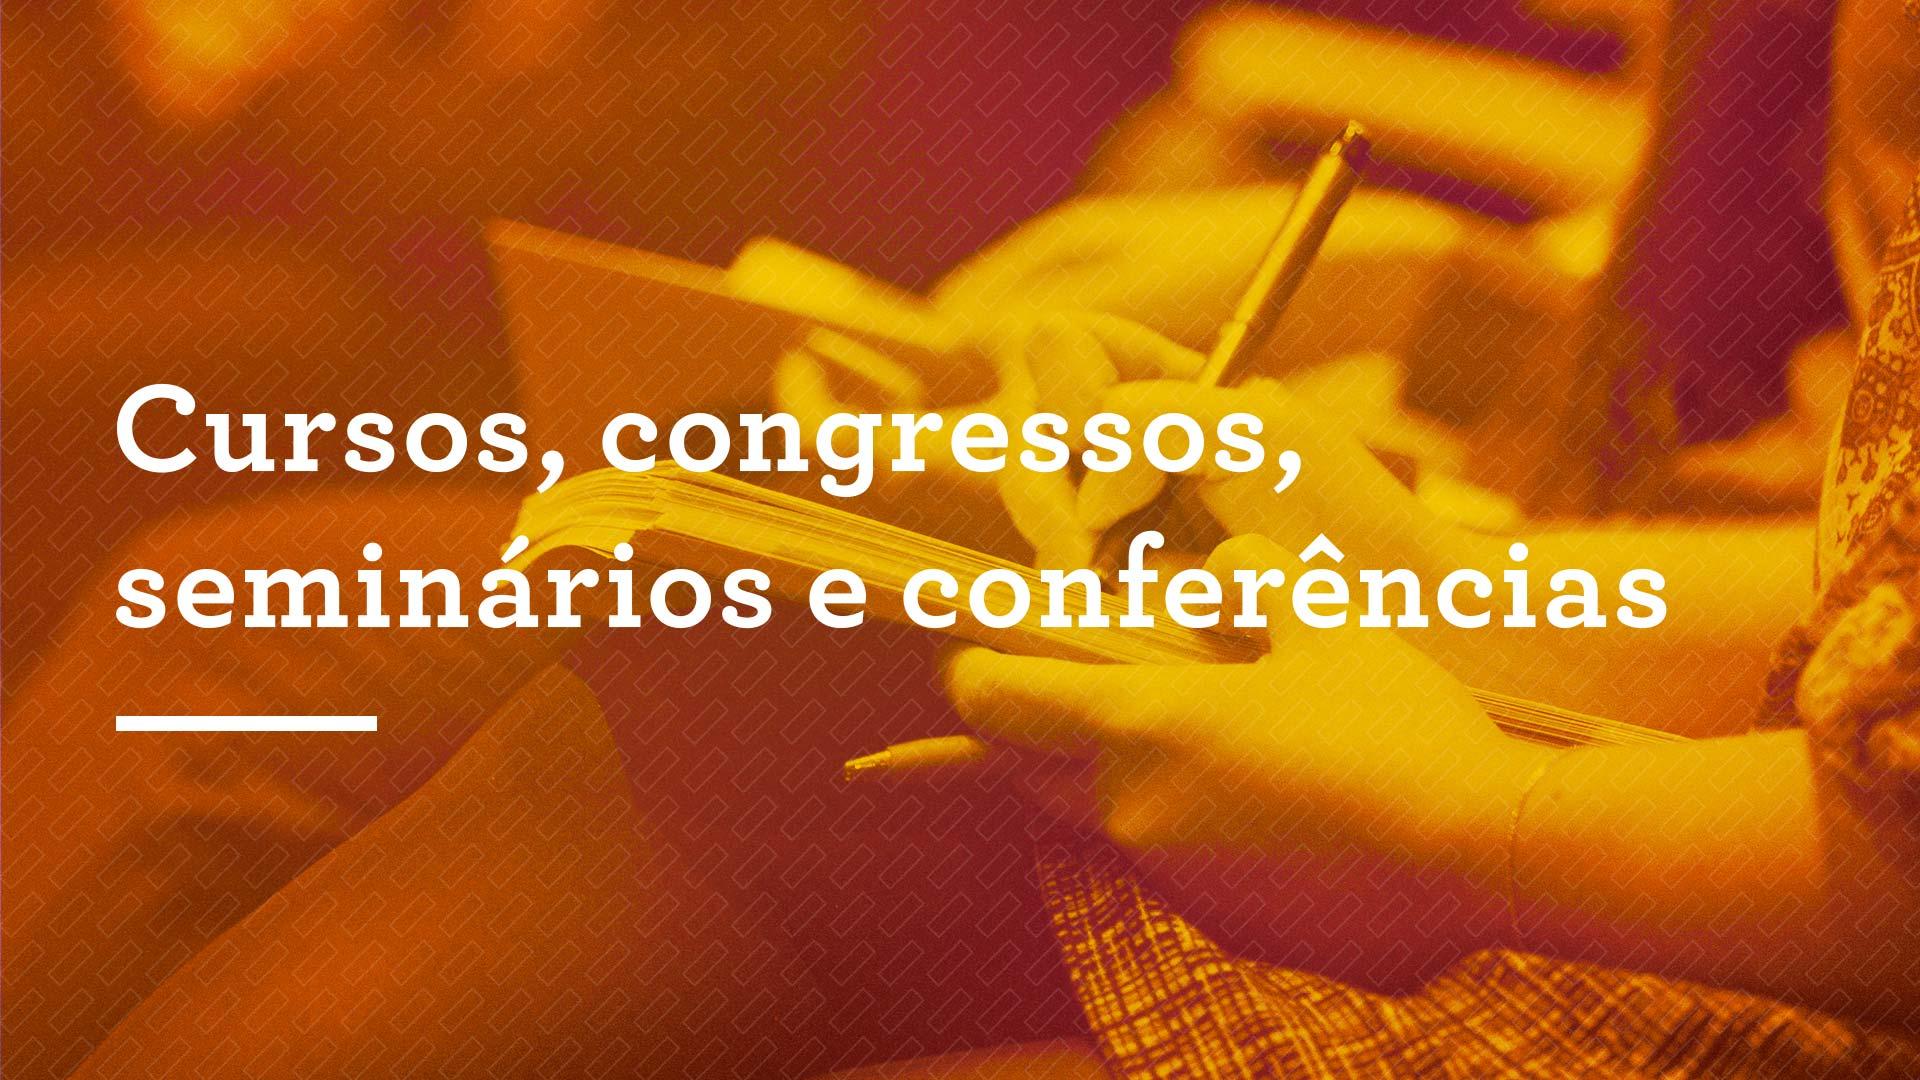 Cursos, congressos, seminários e conferências